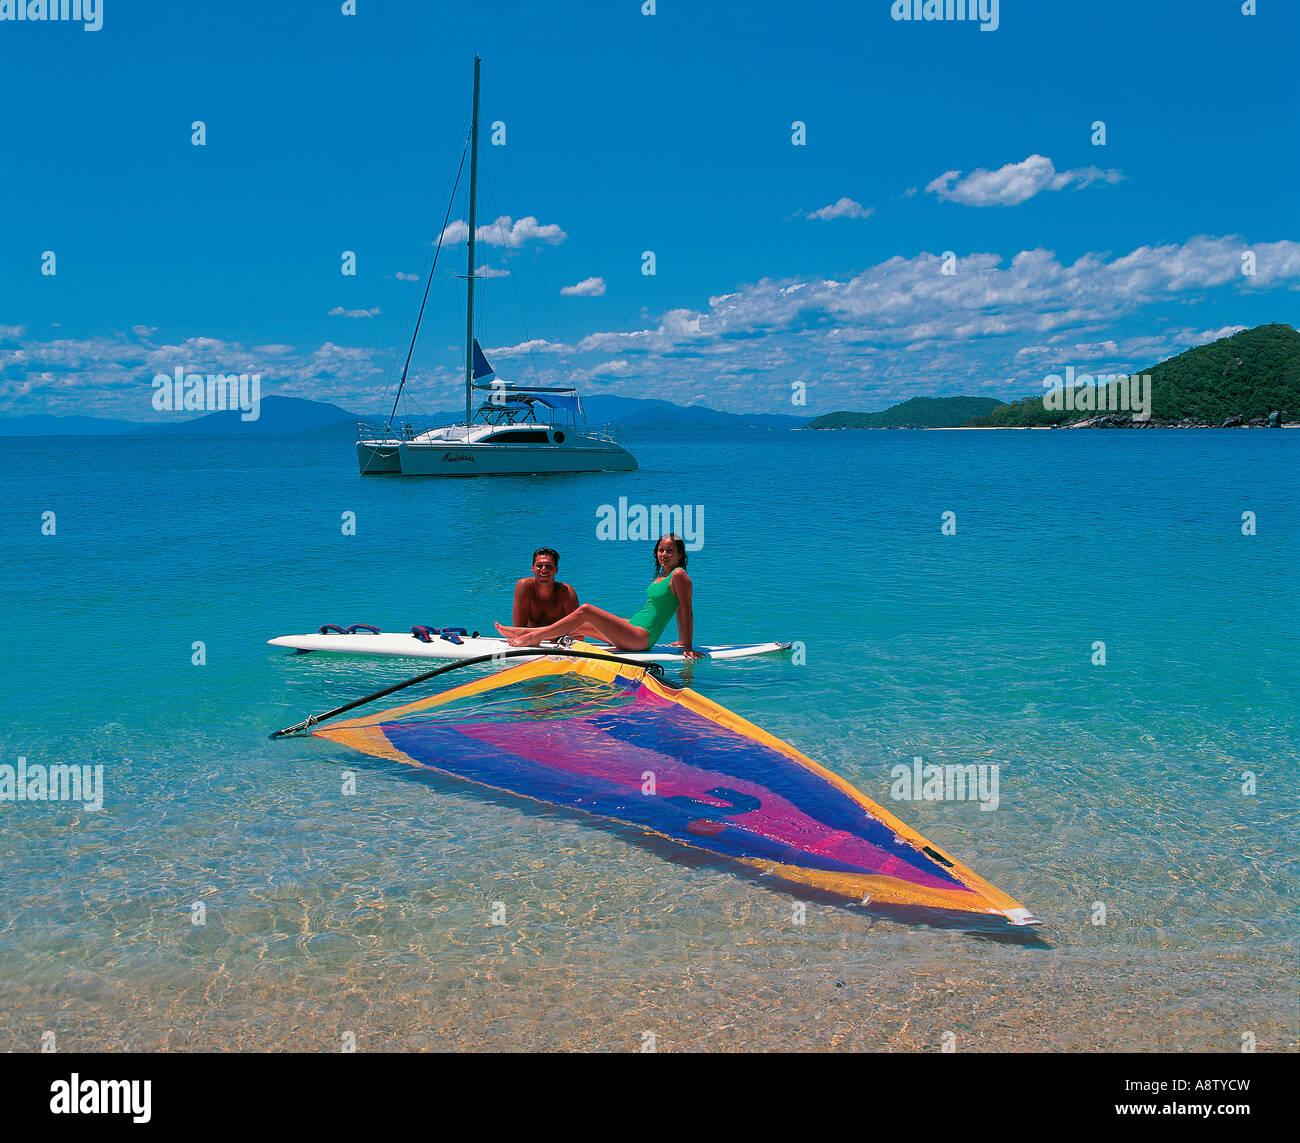 Junges Paar in Badeanzügen, ruht auf Surfbrett. Queensland. Australien. Stockfoto